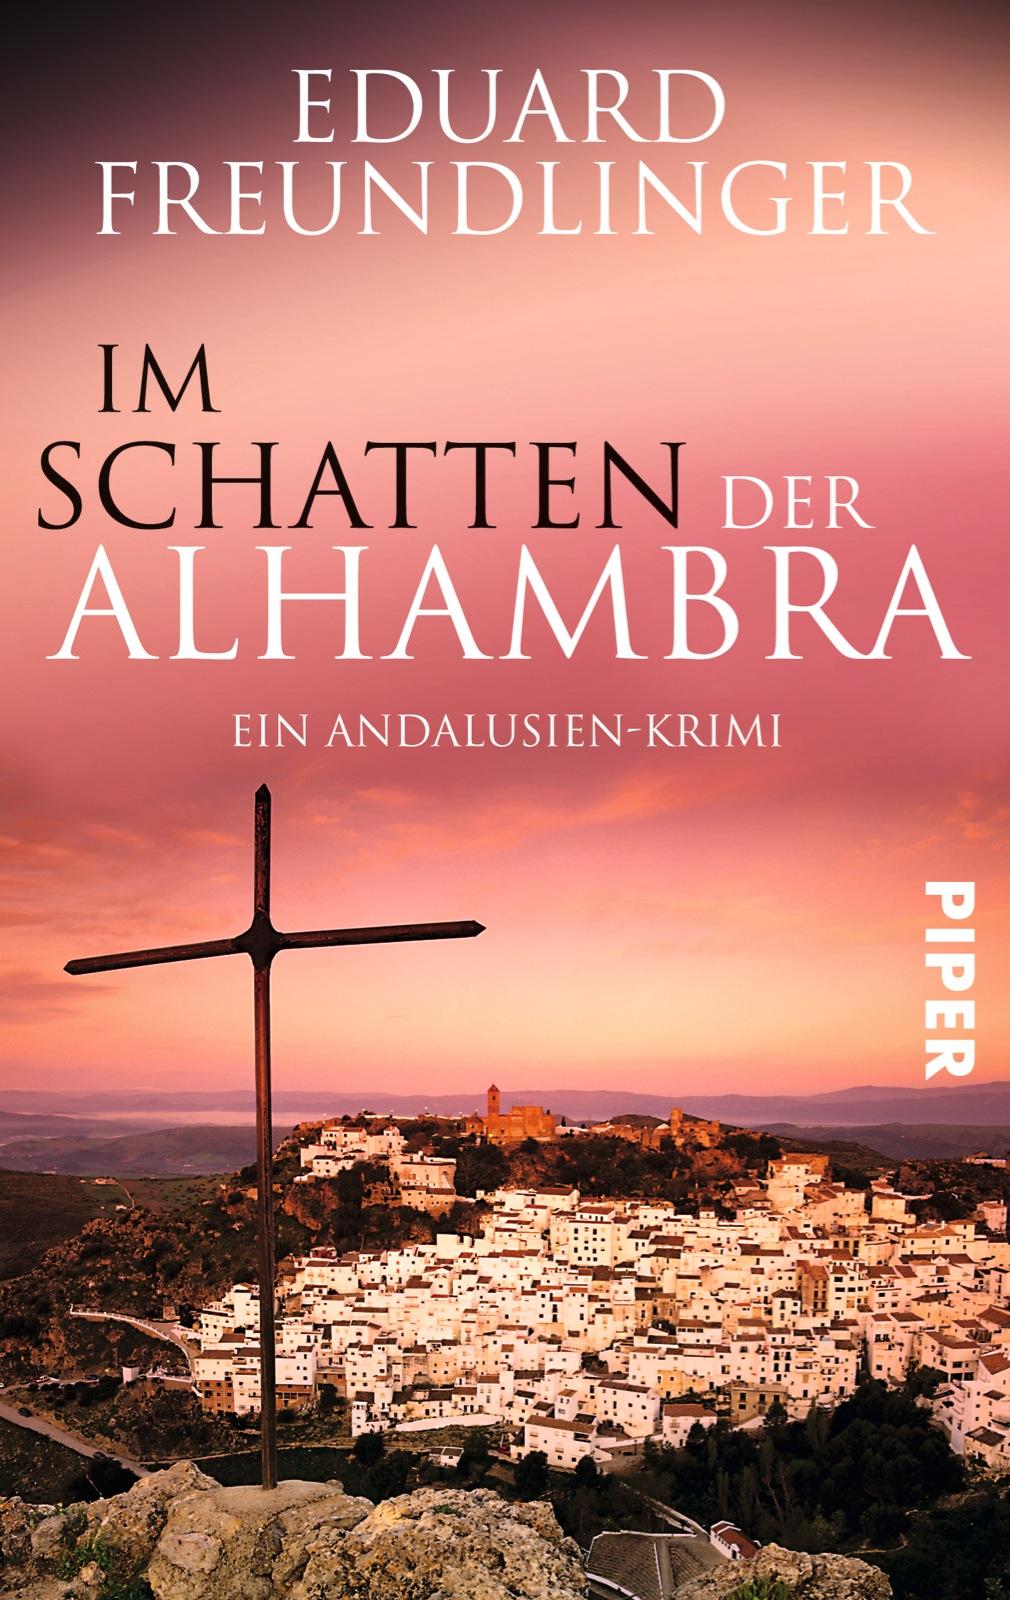 Im Schatten der Alhambra: Ein Andalusien-Krimi - Eduard Freundlinger